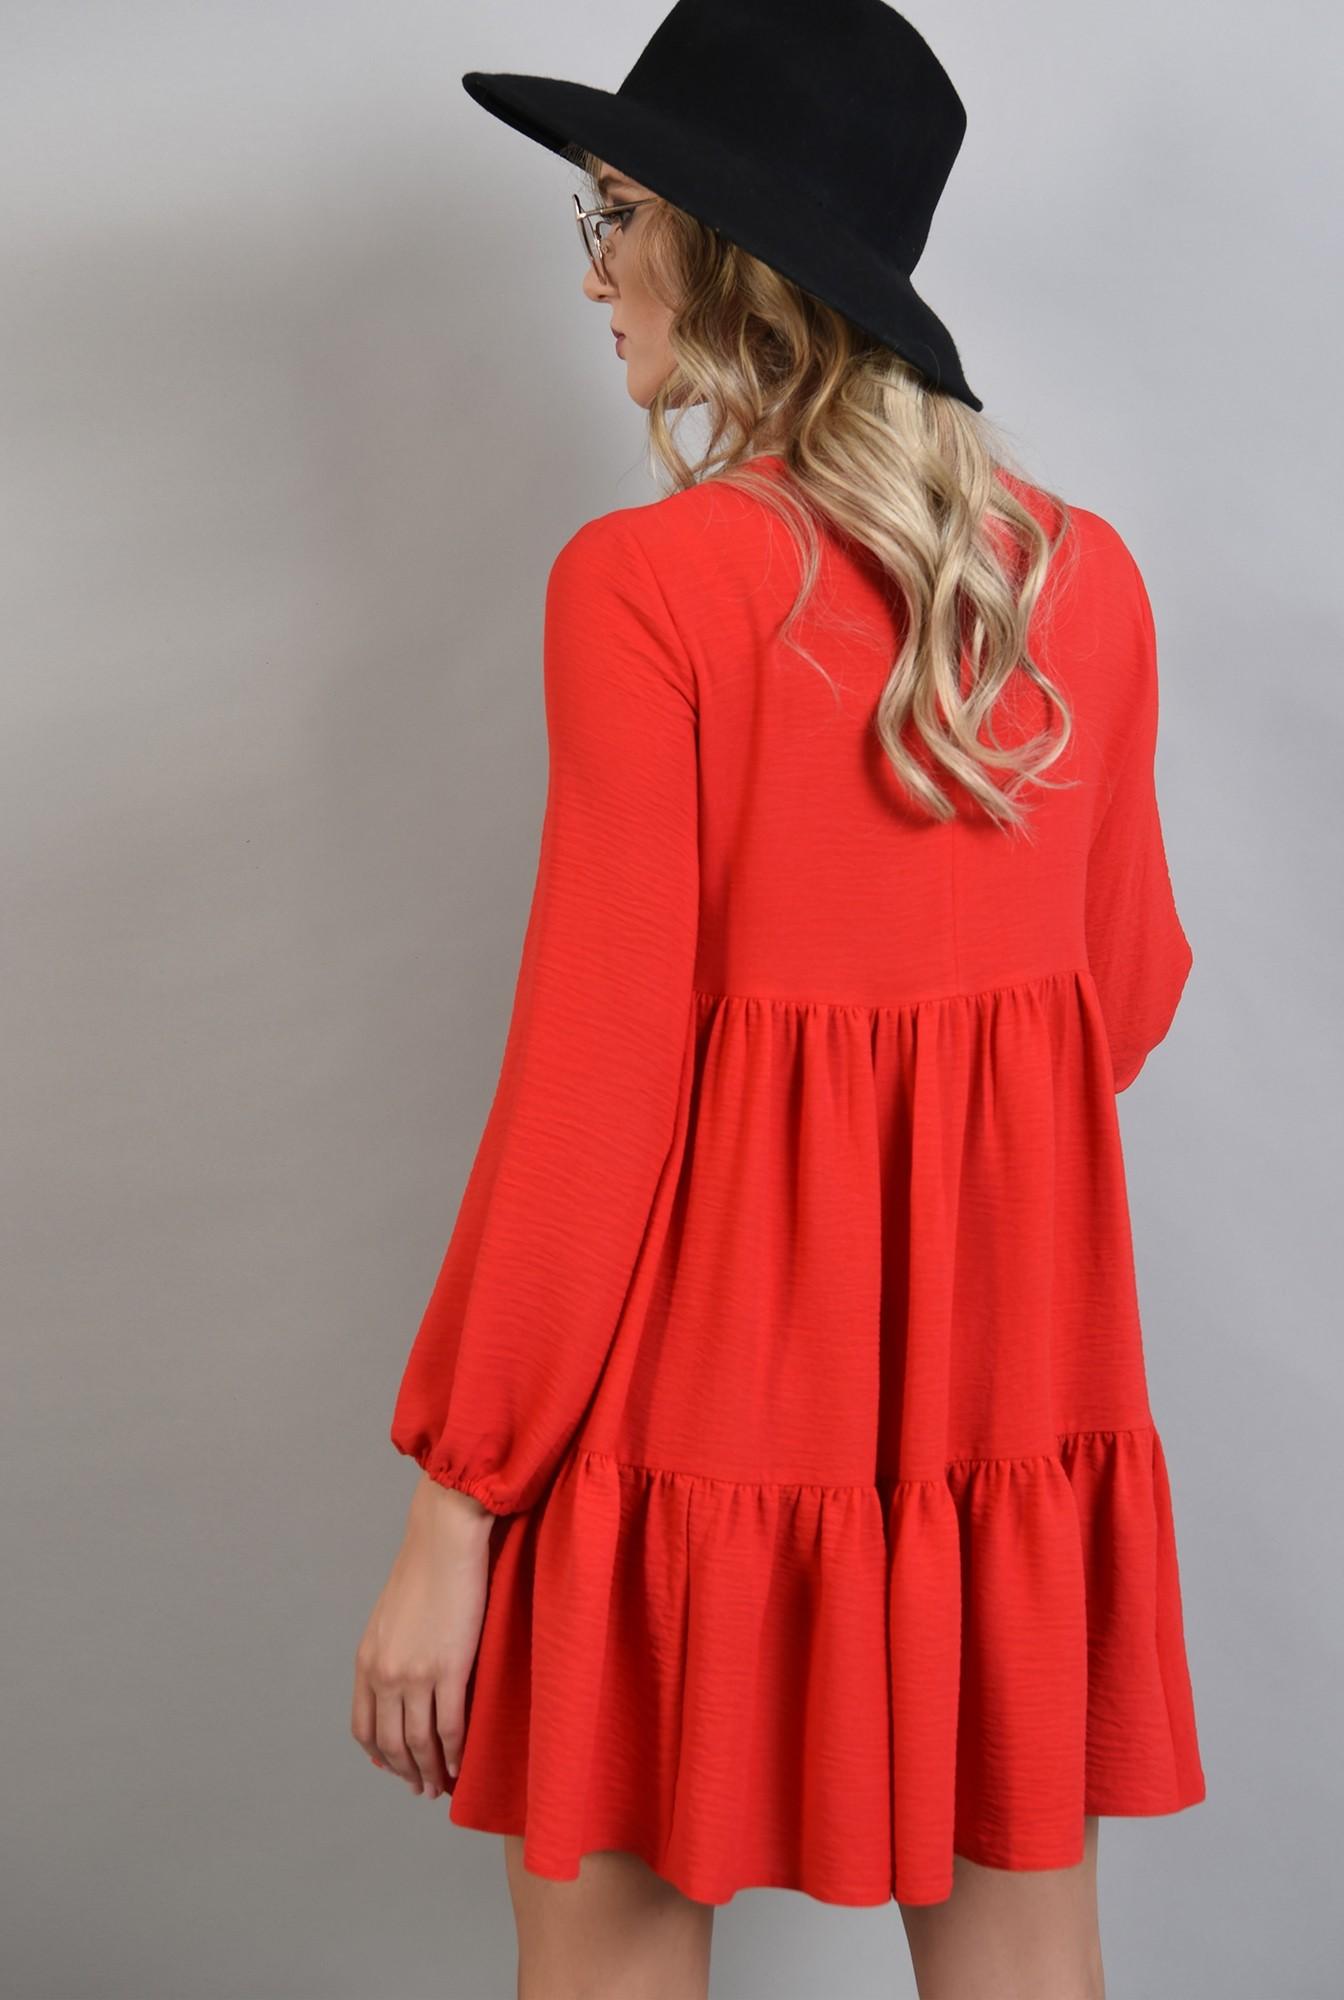 1 - 360 - rochie larga rosie, maneca lunga, Poema